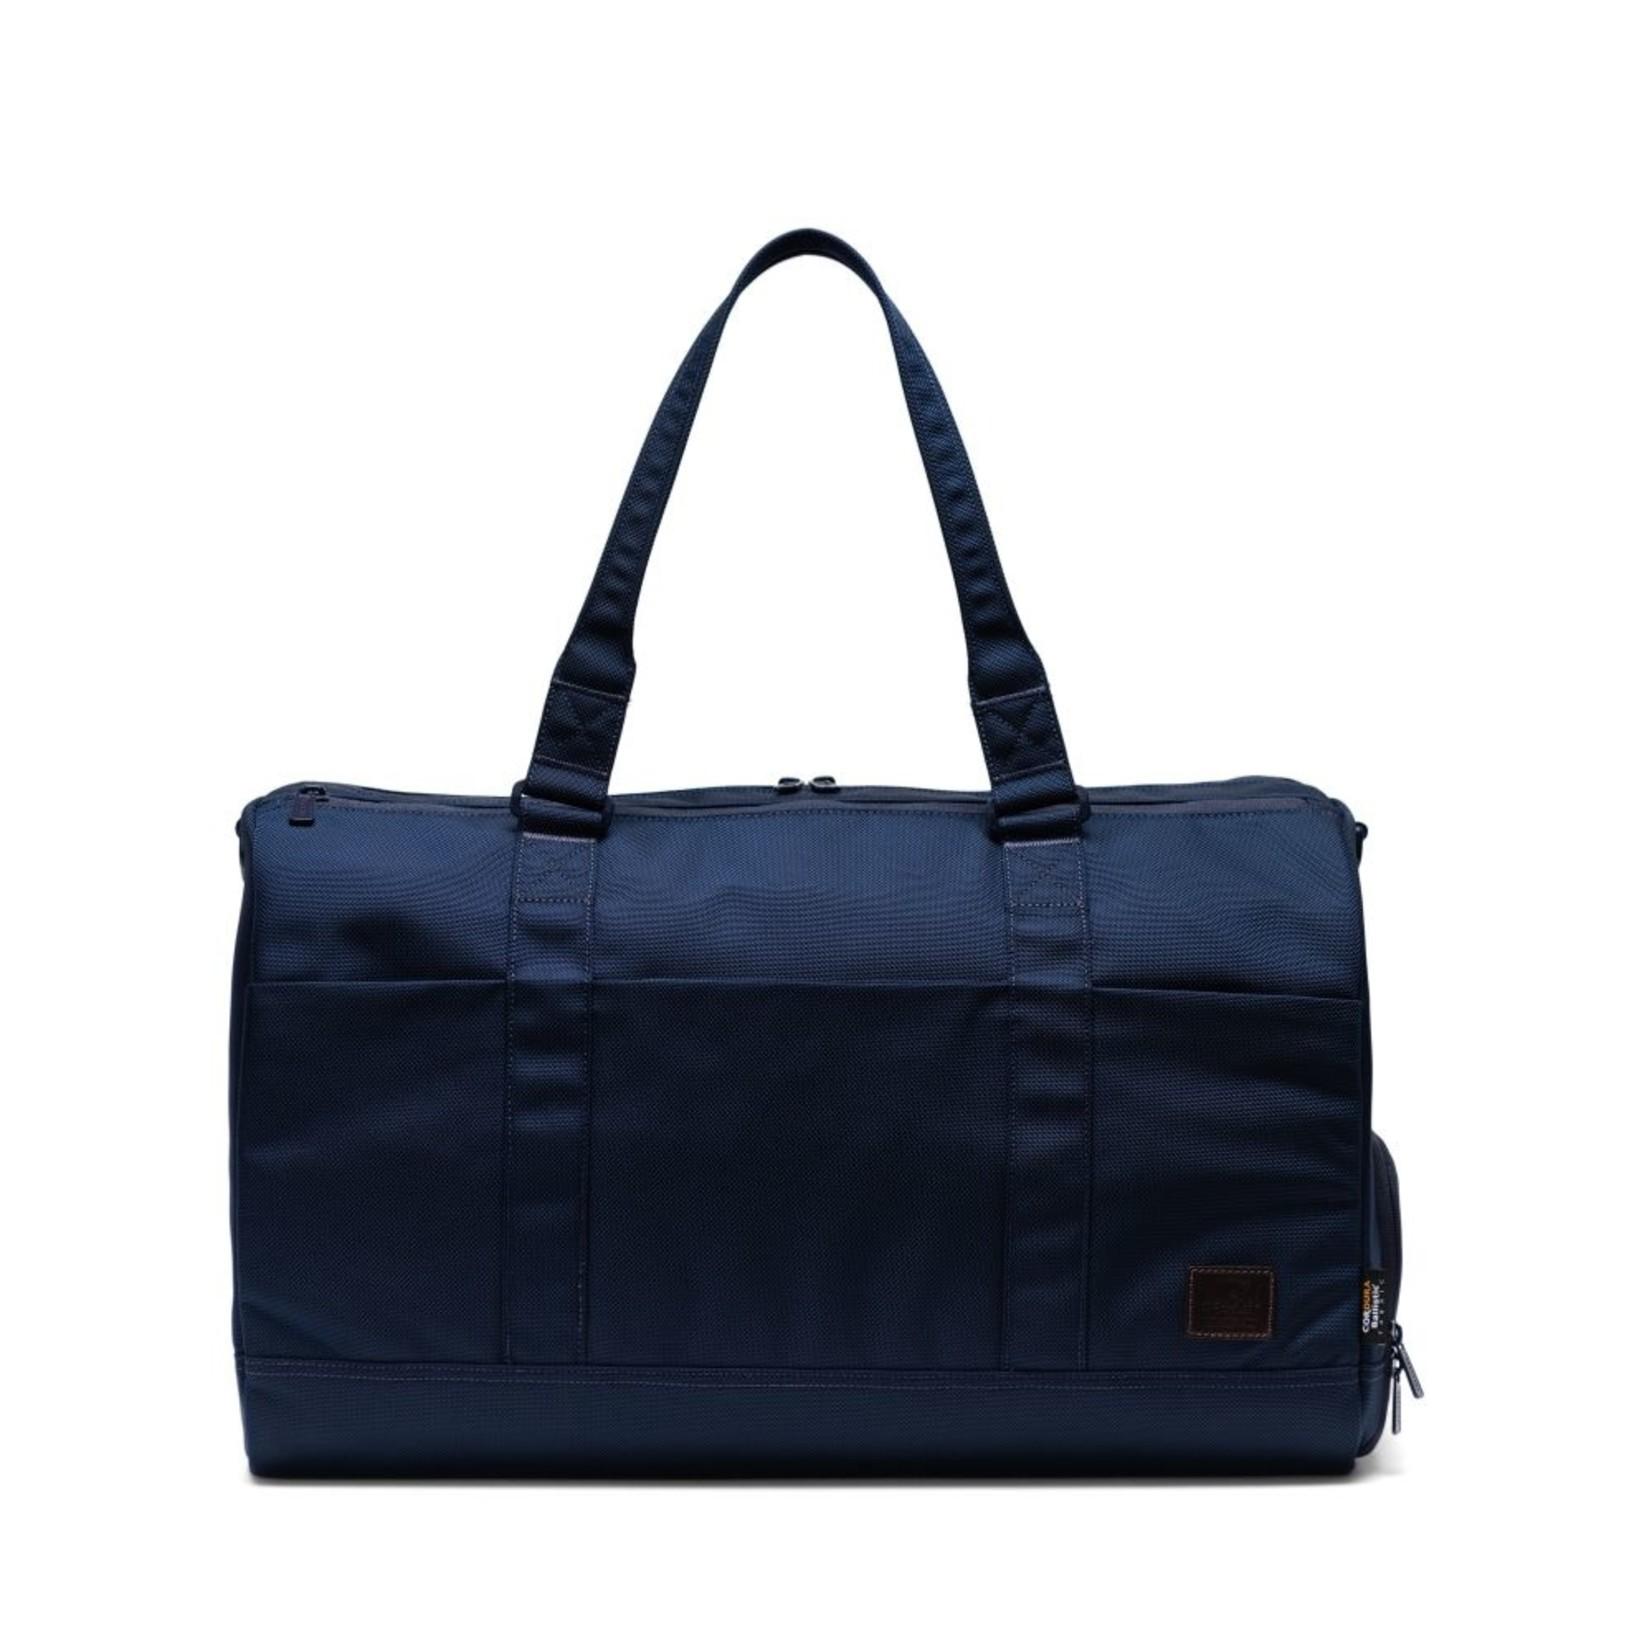 Herschel Supply CO. Herschel Cordura Tech Novel Bag